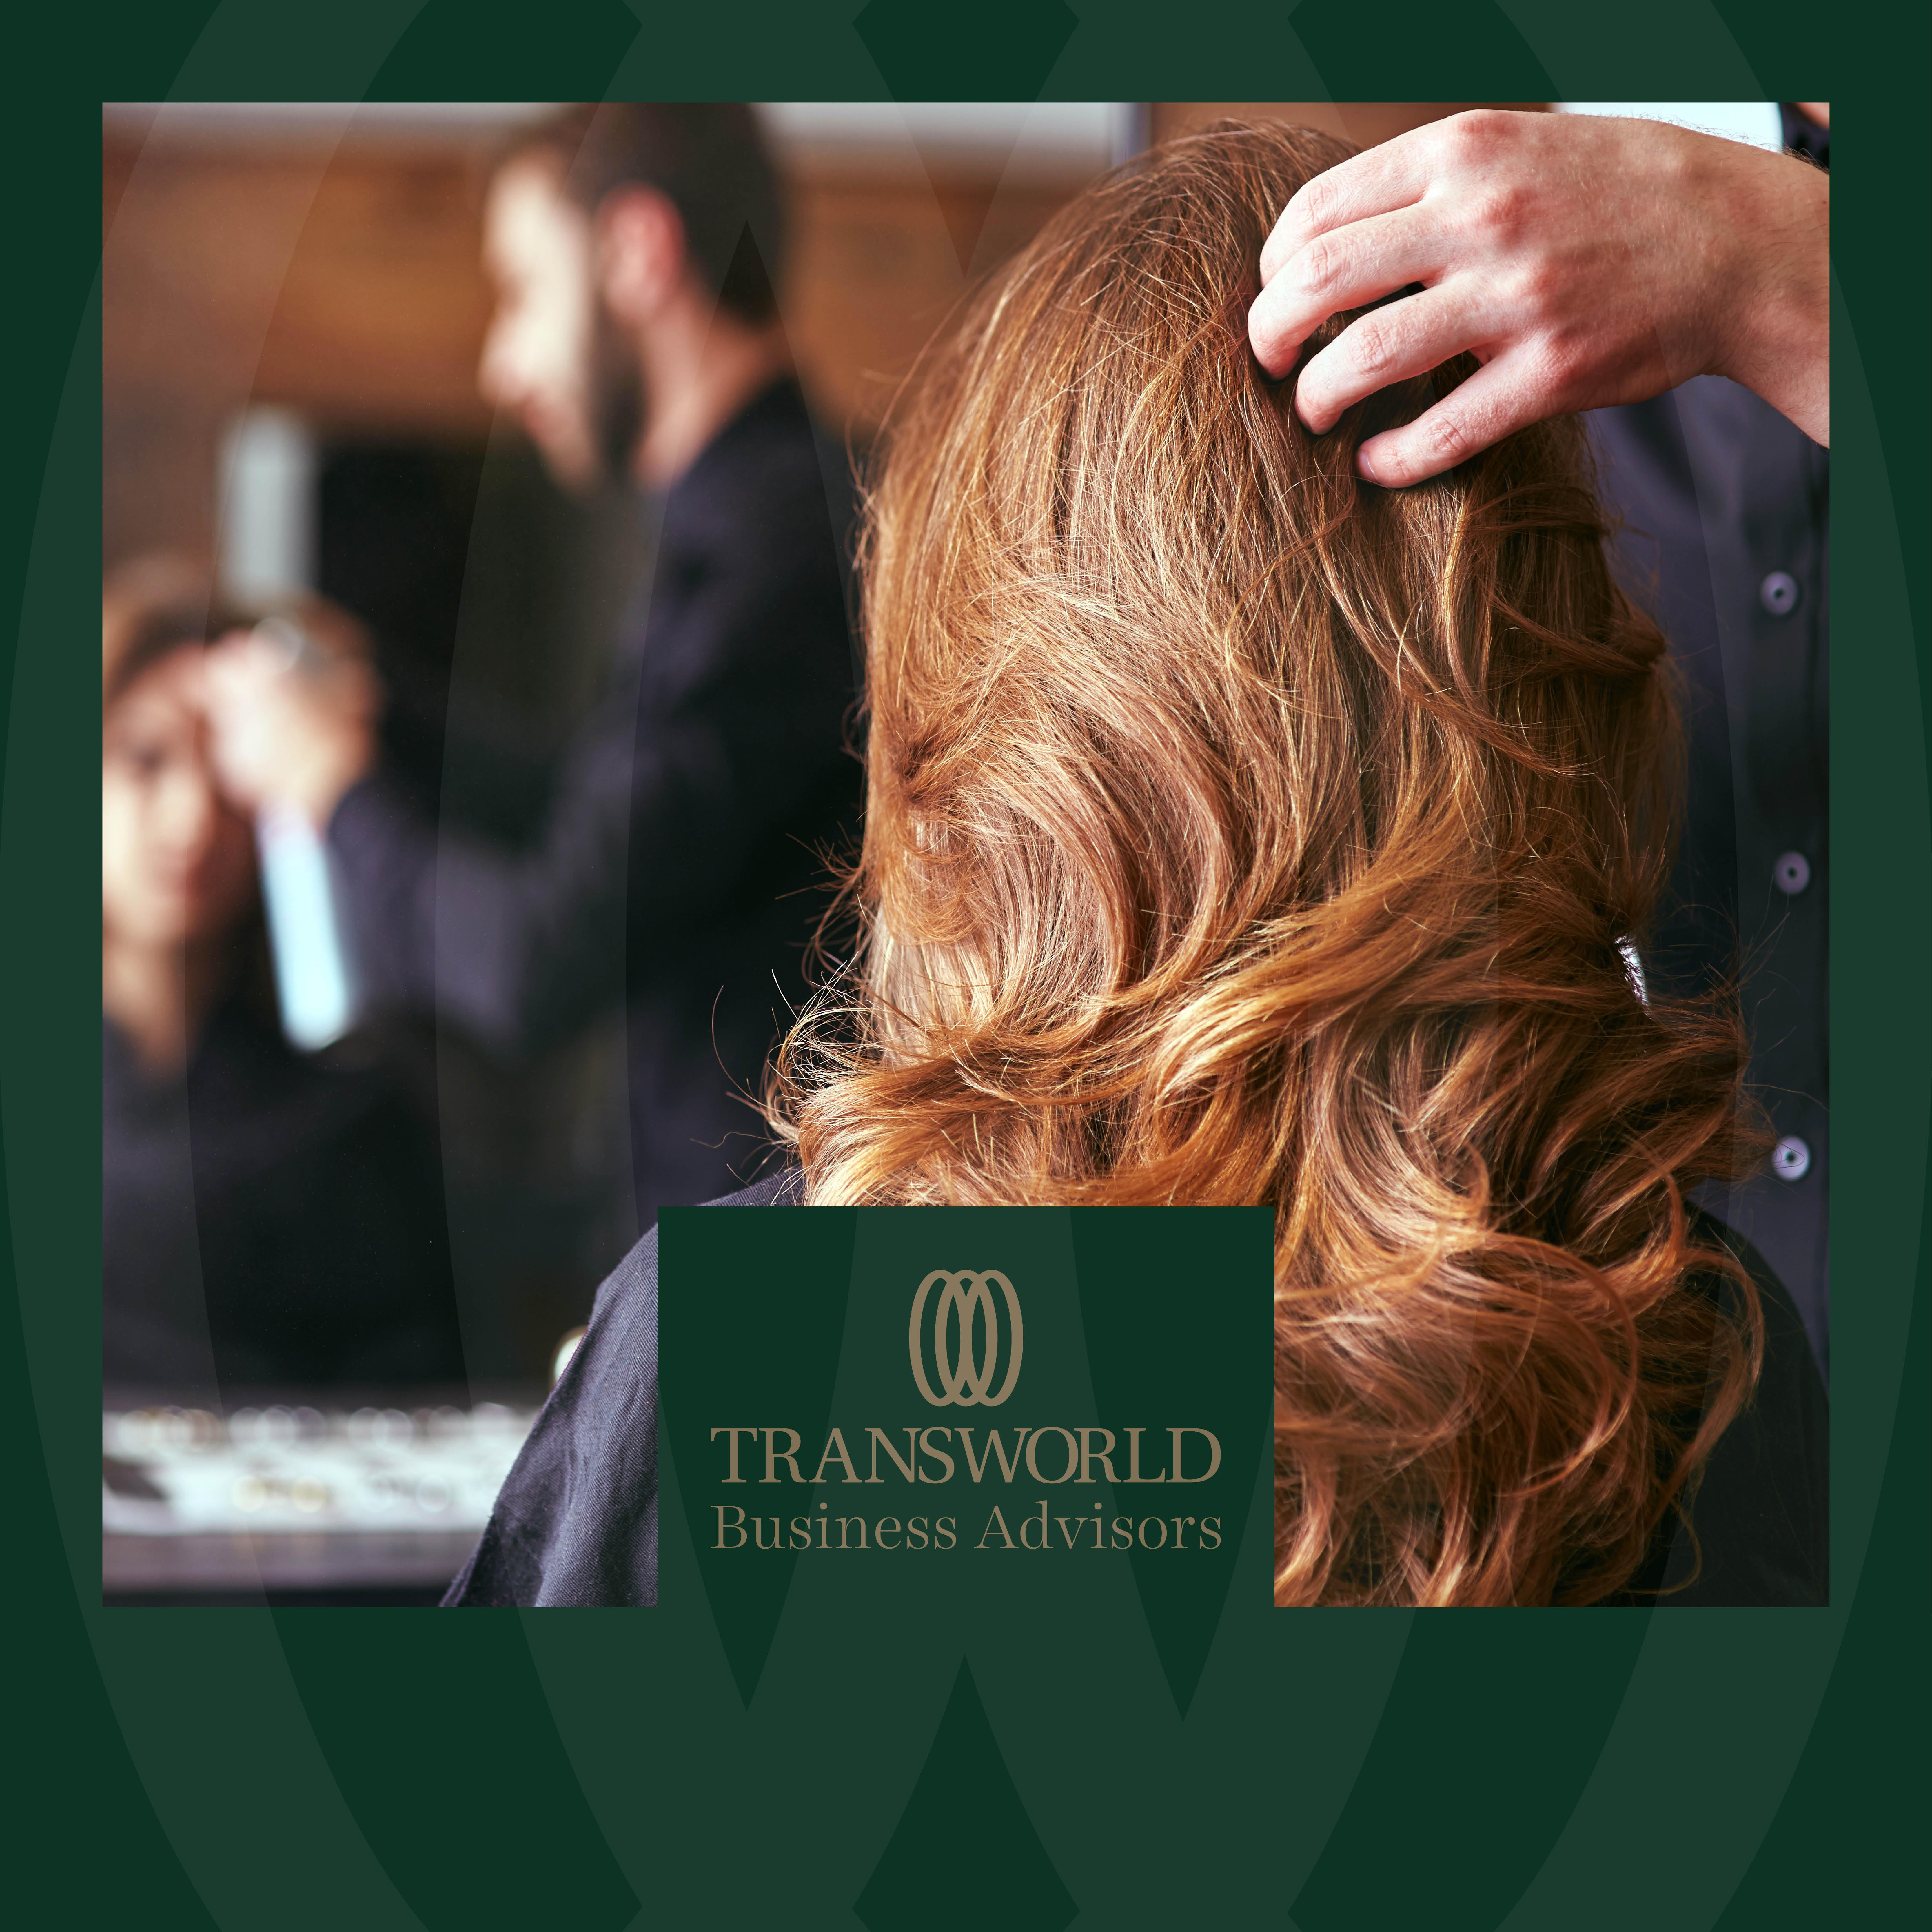 Hair Salon in Affluent Buckinghamshire Village